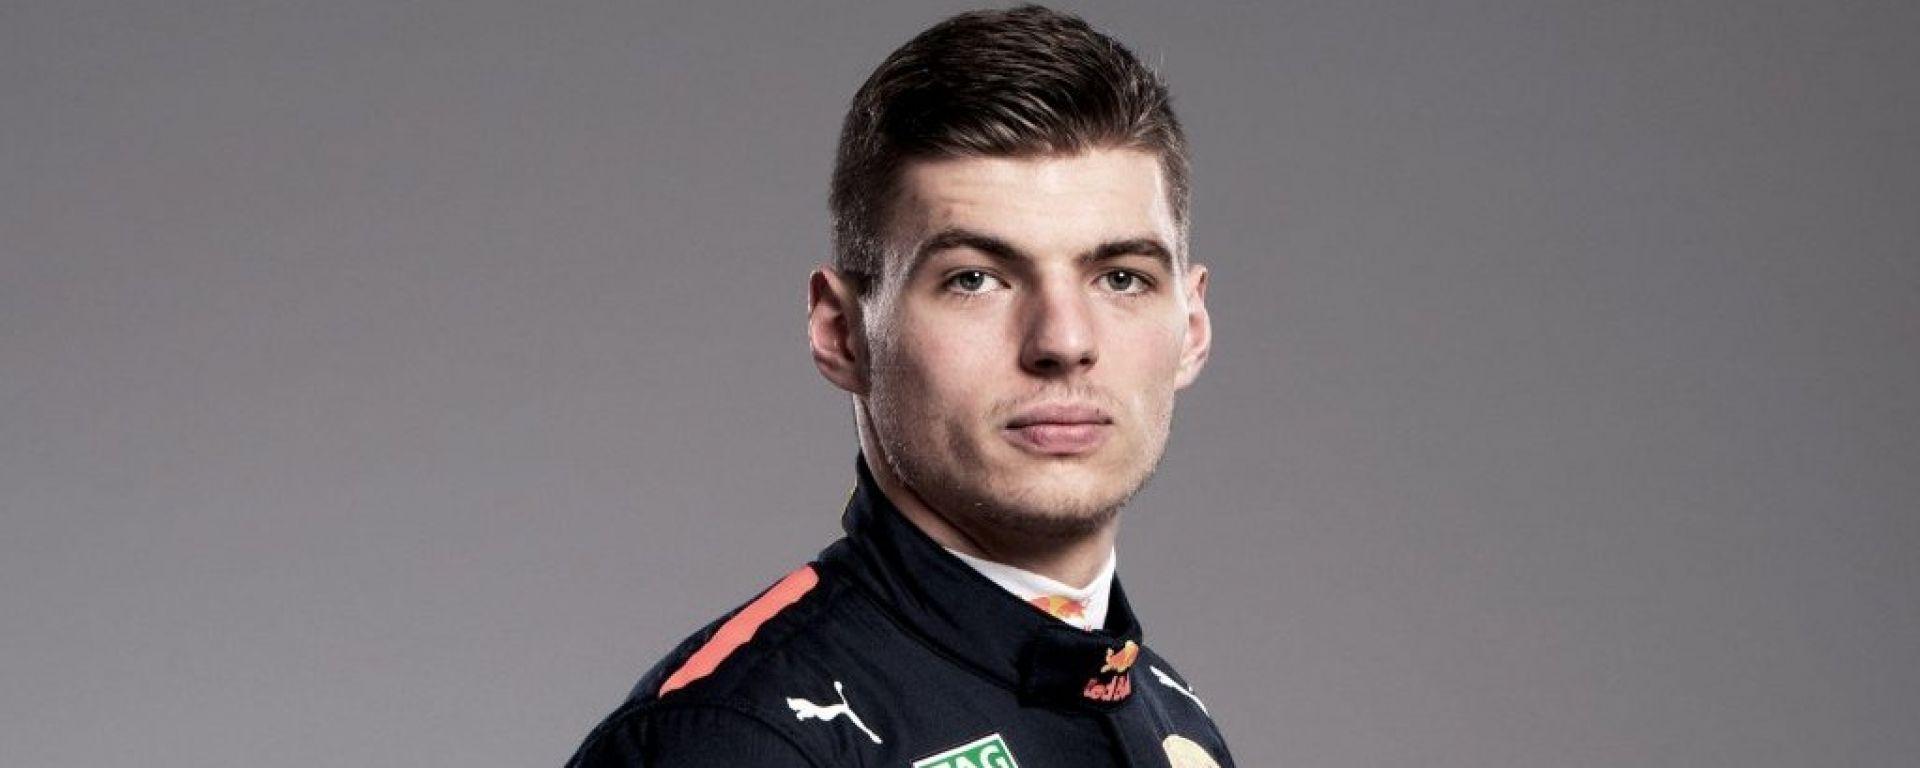 Max Verstappen #33